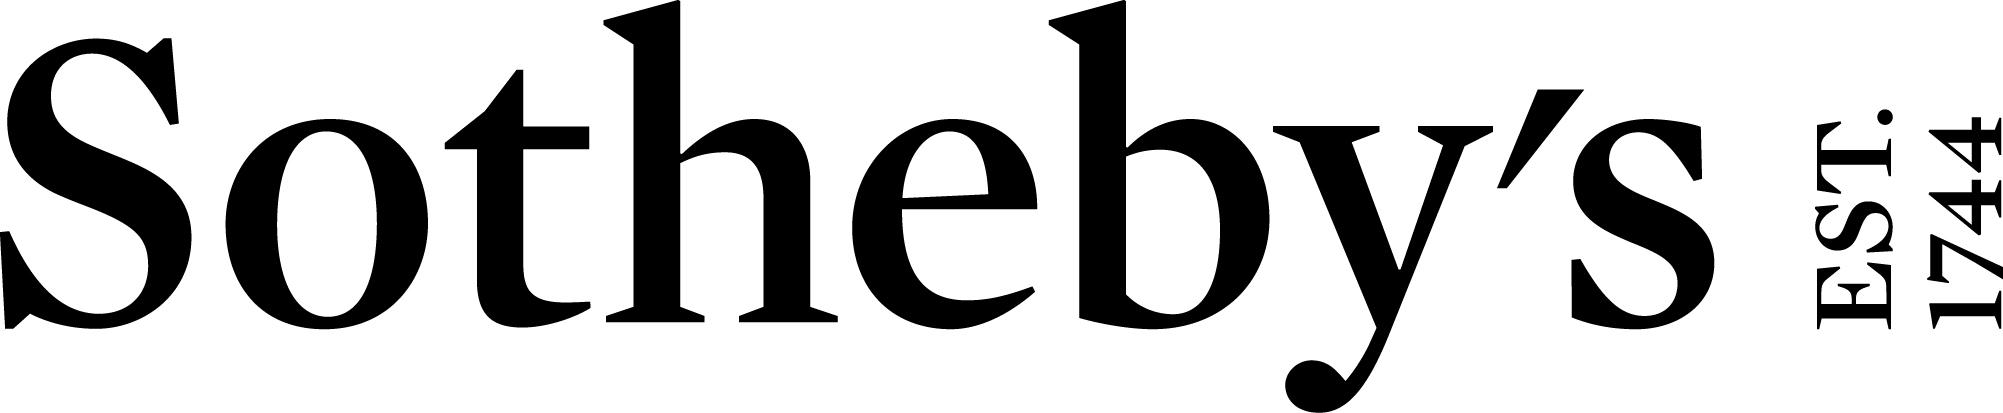 logo Sotheby's 2016